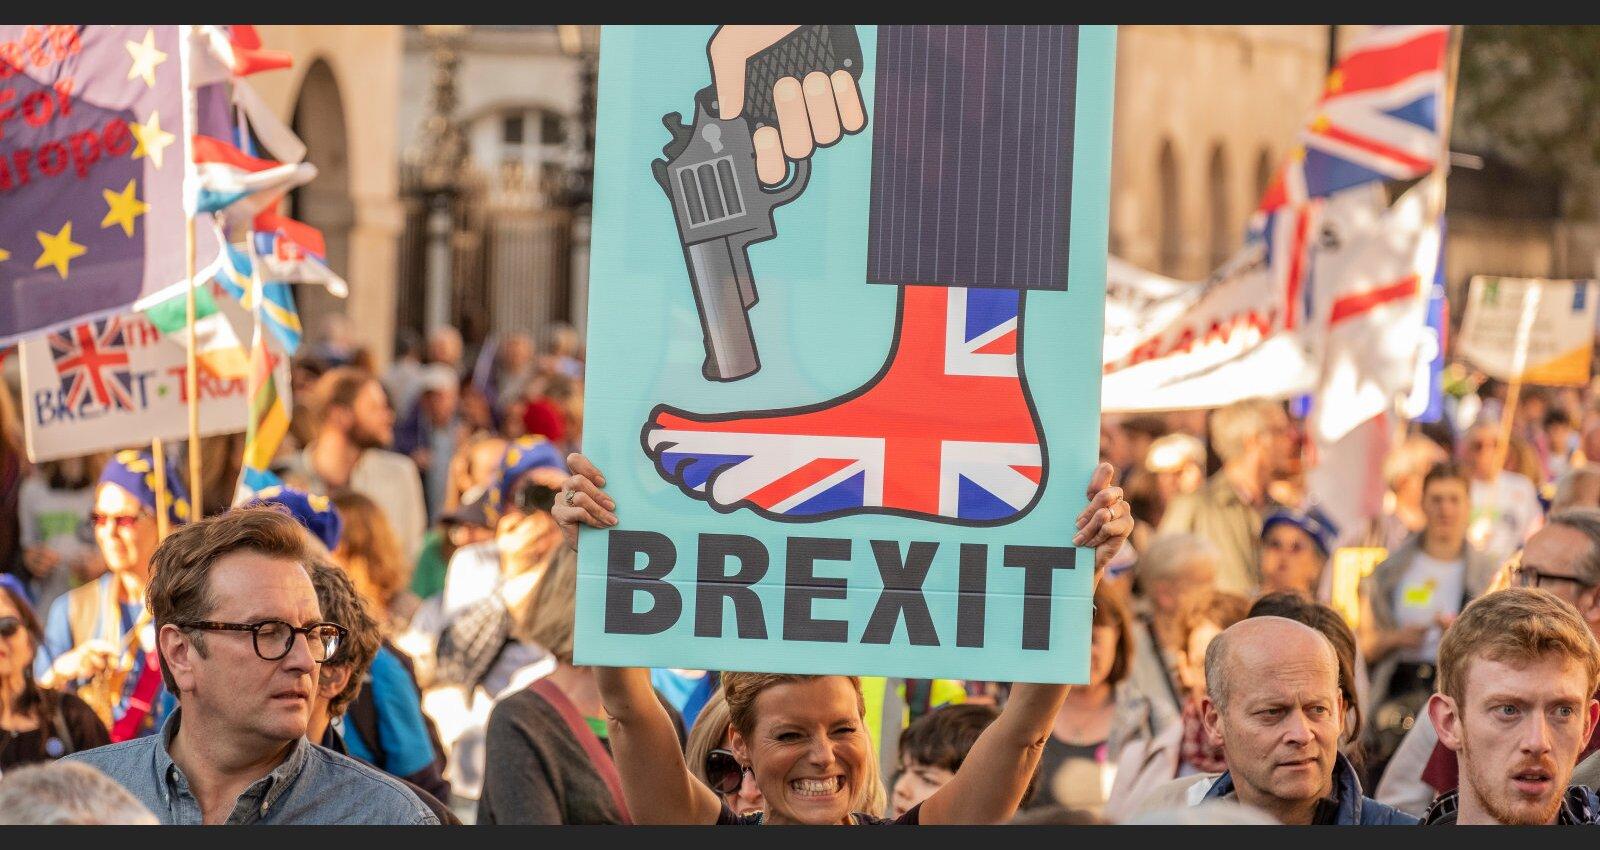 Britu problēmas: 'Brexit' īpatnējais nacionālisms, kašķi ar Eiropu un labumu zaudēšana